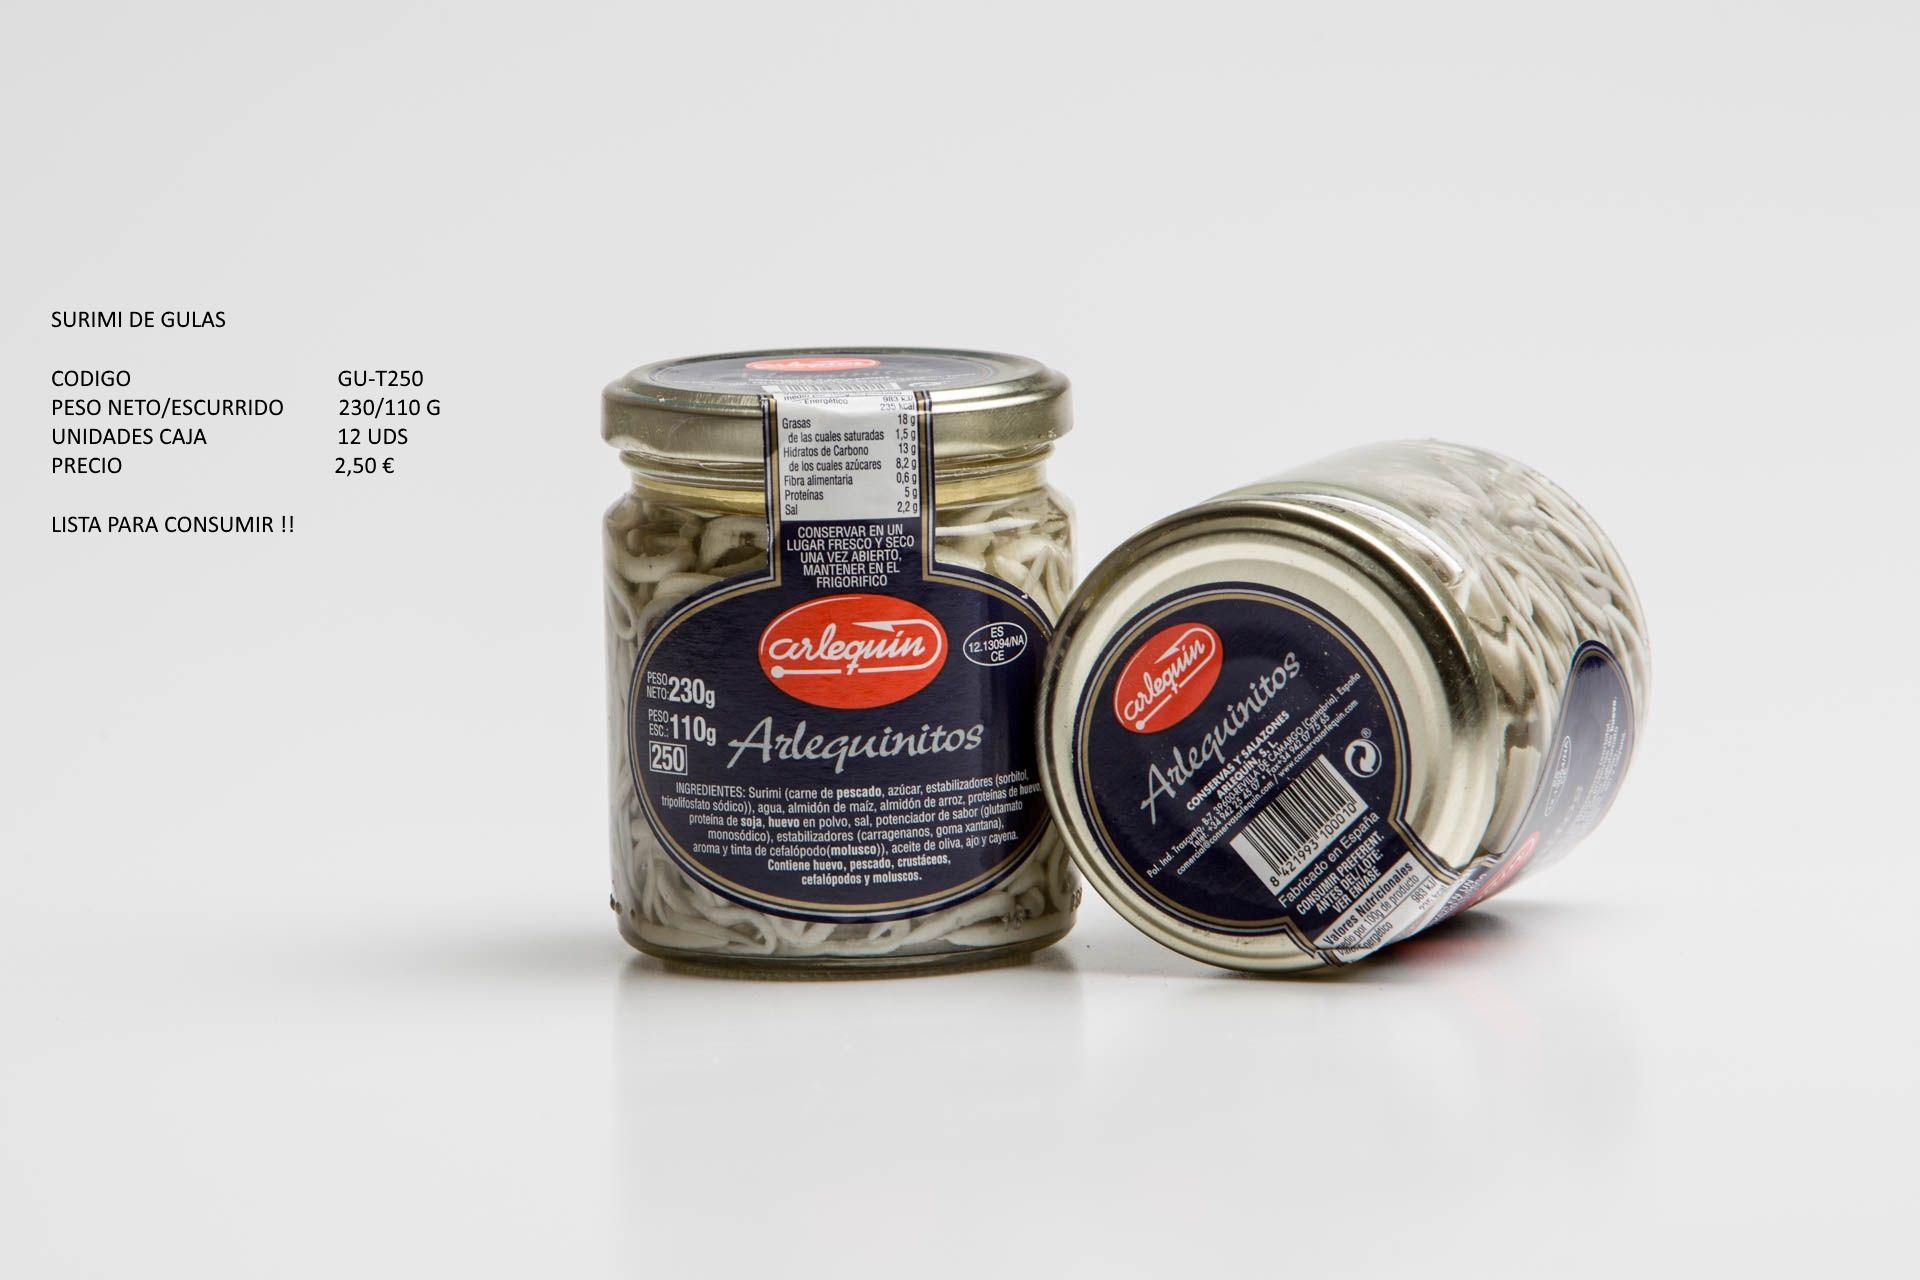 Surimi de gulas: Productos de Conservas Artesanas María Eugenia